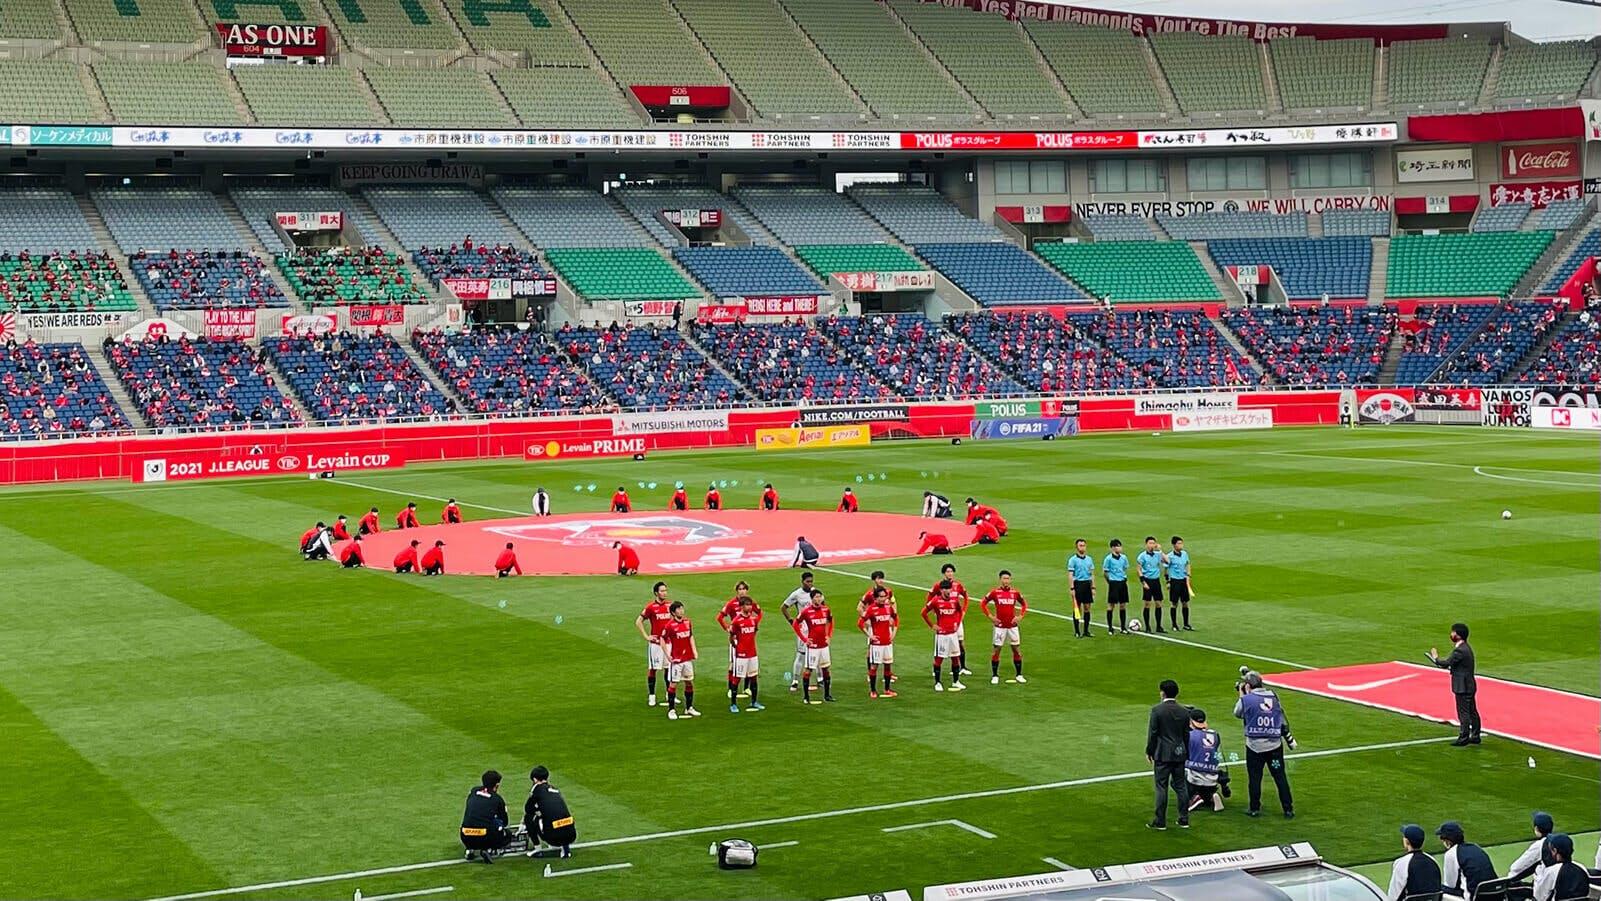 2021 Jリーグ YBC ルヴァンカップ グループステージ 第4節 埼玉スタジアム2002 湘南ベルマーレ戦